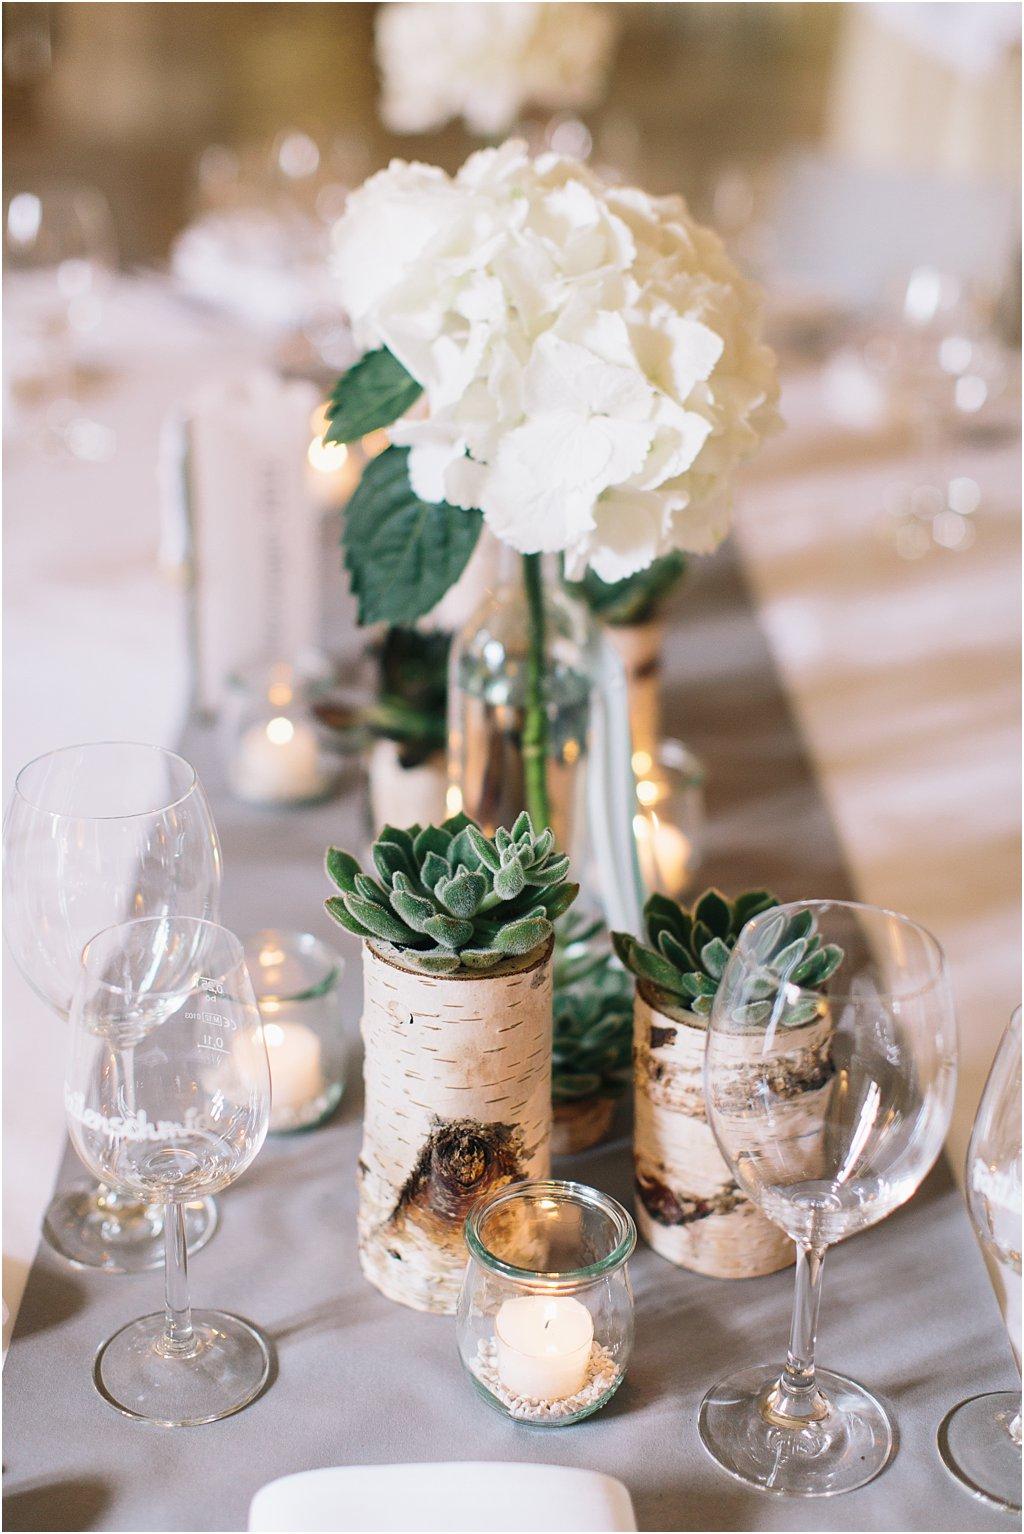 Tischdeko weiße Hortensien